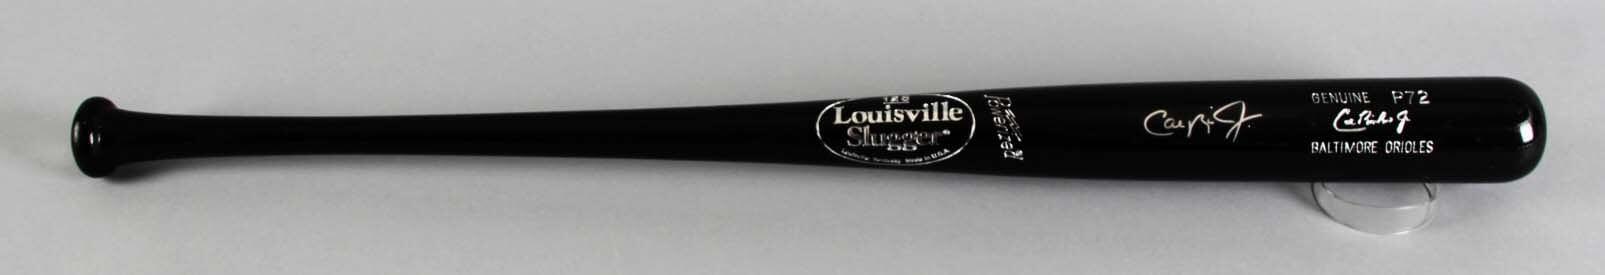 Cal Ripken, Jr. Baltimore Orioles Signed Pro Model Baseball Bat - Player Hologram